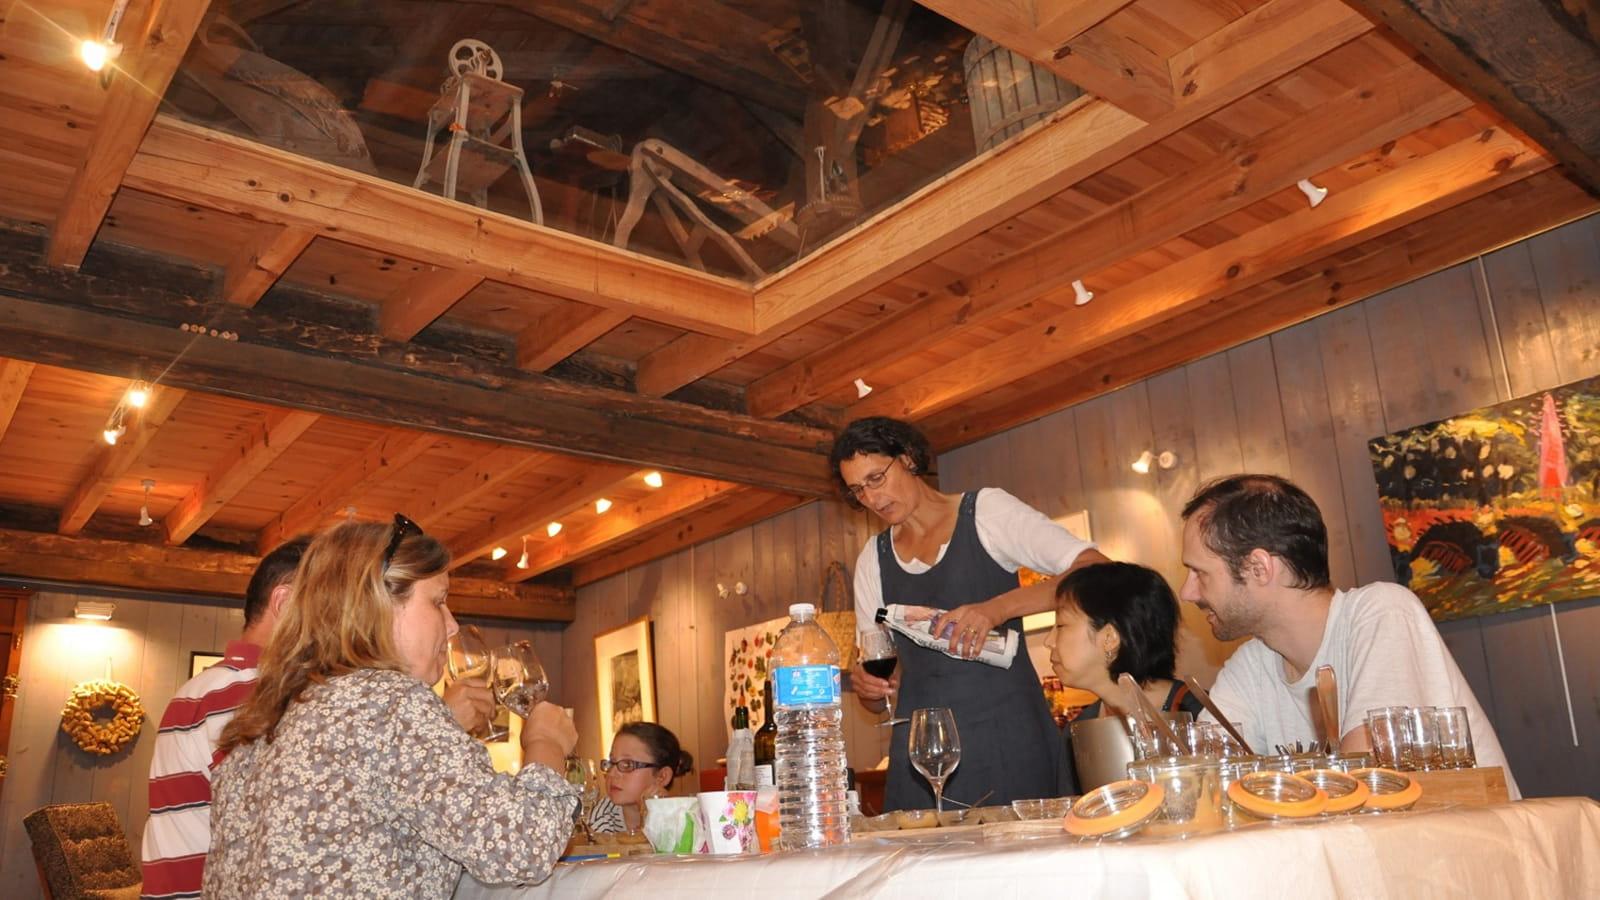 ateliers-de-bardins-initiations-a-la-degustation